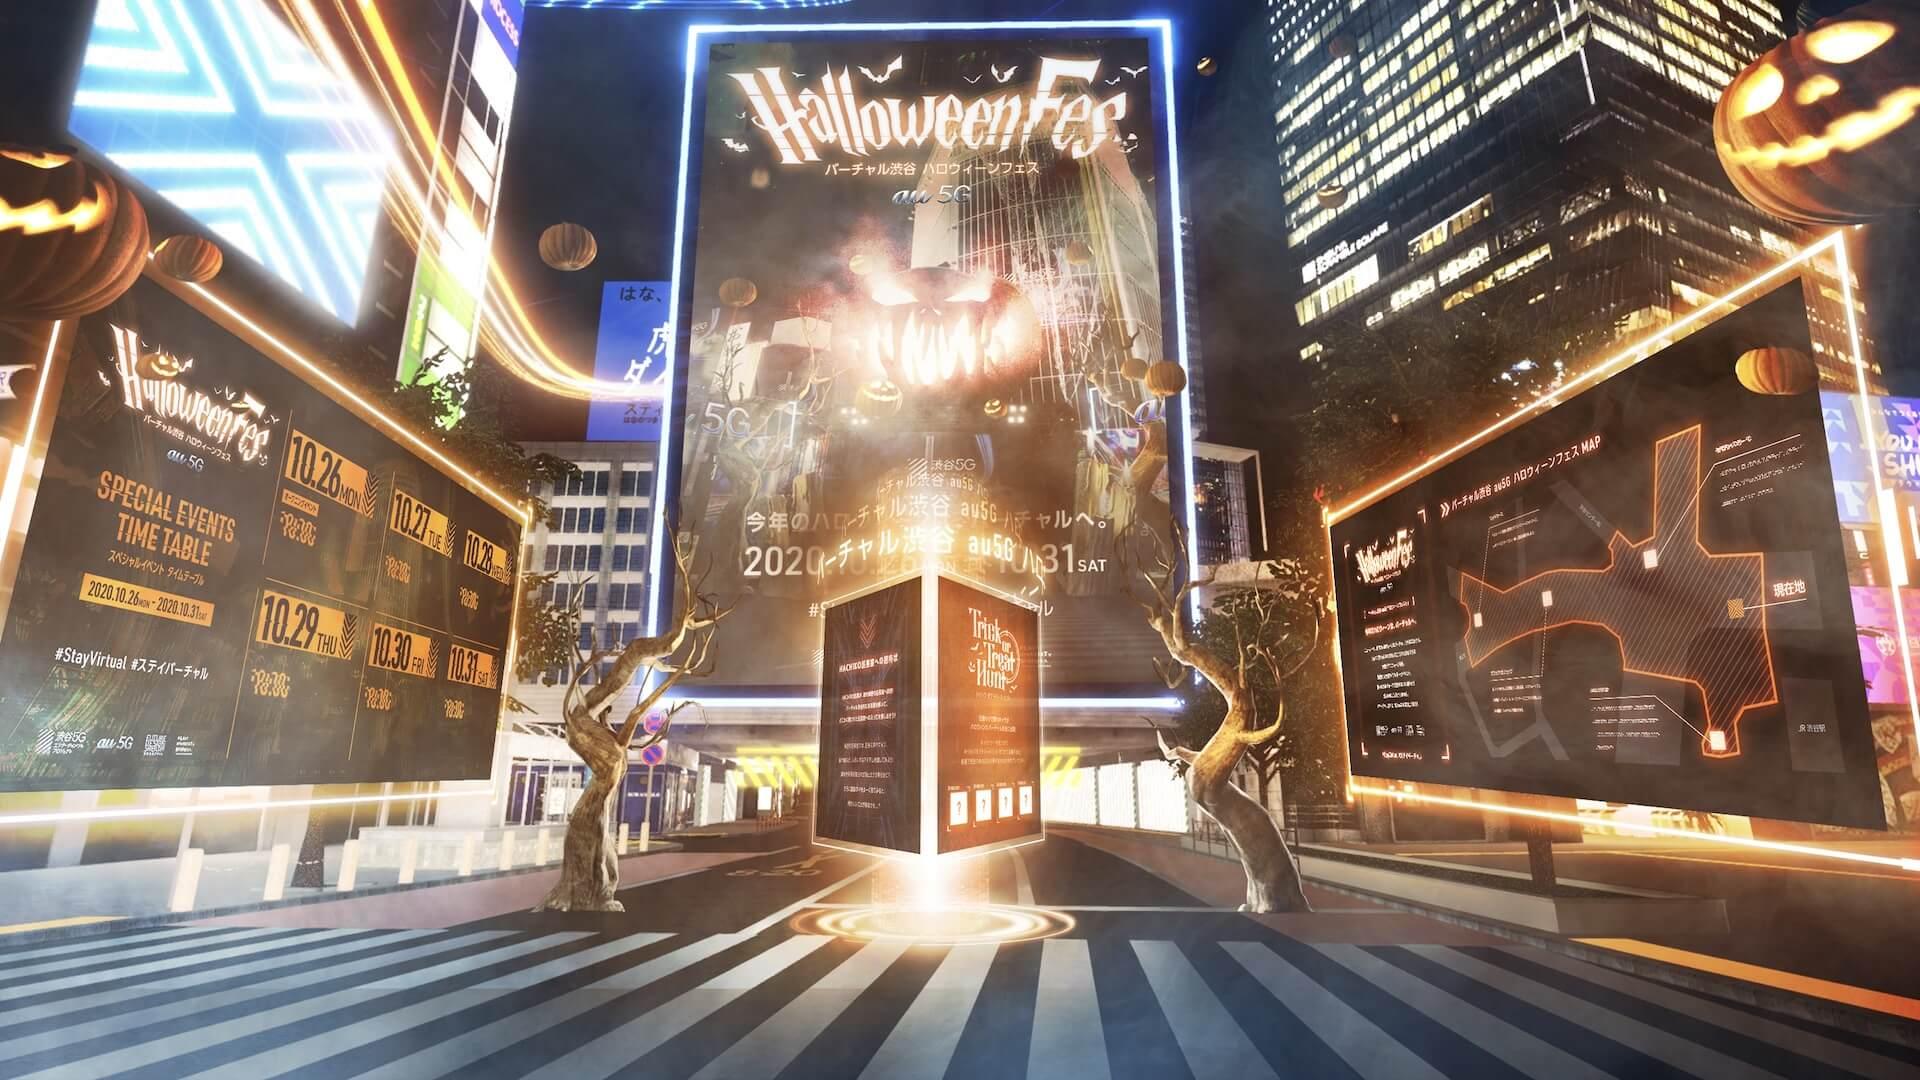 <バーチャル渋谷 au 5G ハロウィーンフェス>がついに本日開幕!最終日はEllen Allien、SURGEONら参加のDOMMUNEコラボイベントも実施 music201026_shibuya_halloween_12